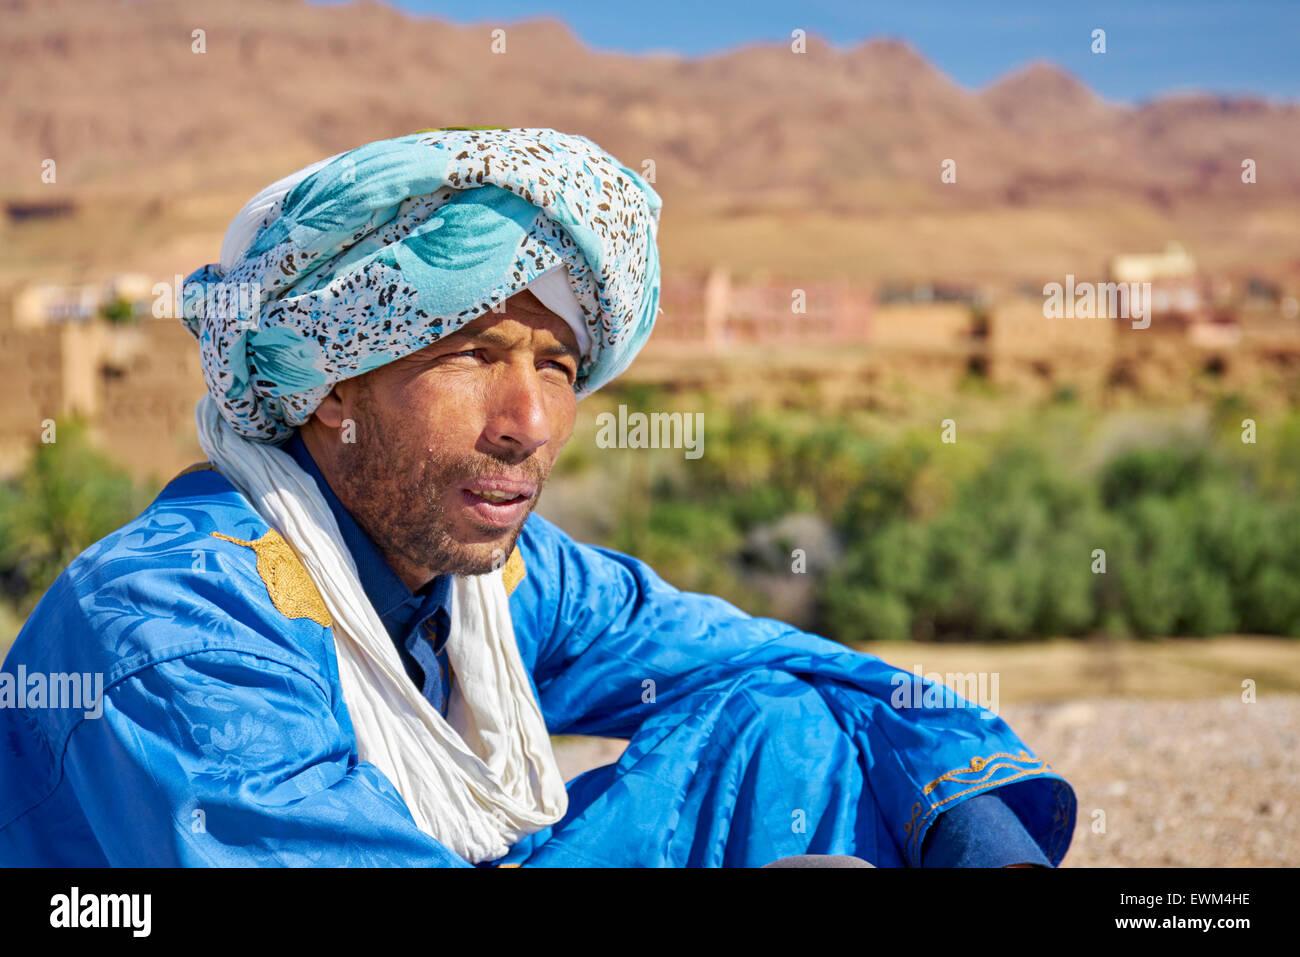 Ein Berber-Mann datiert